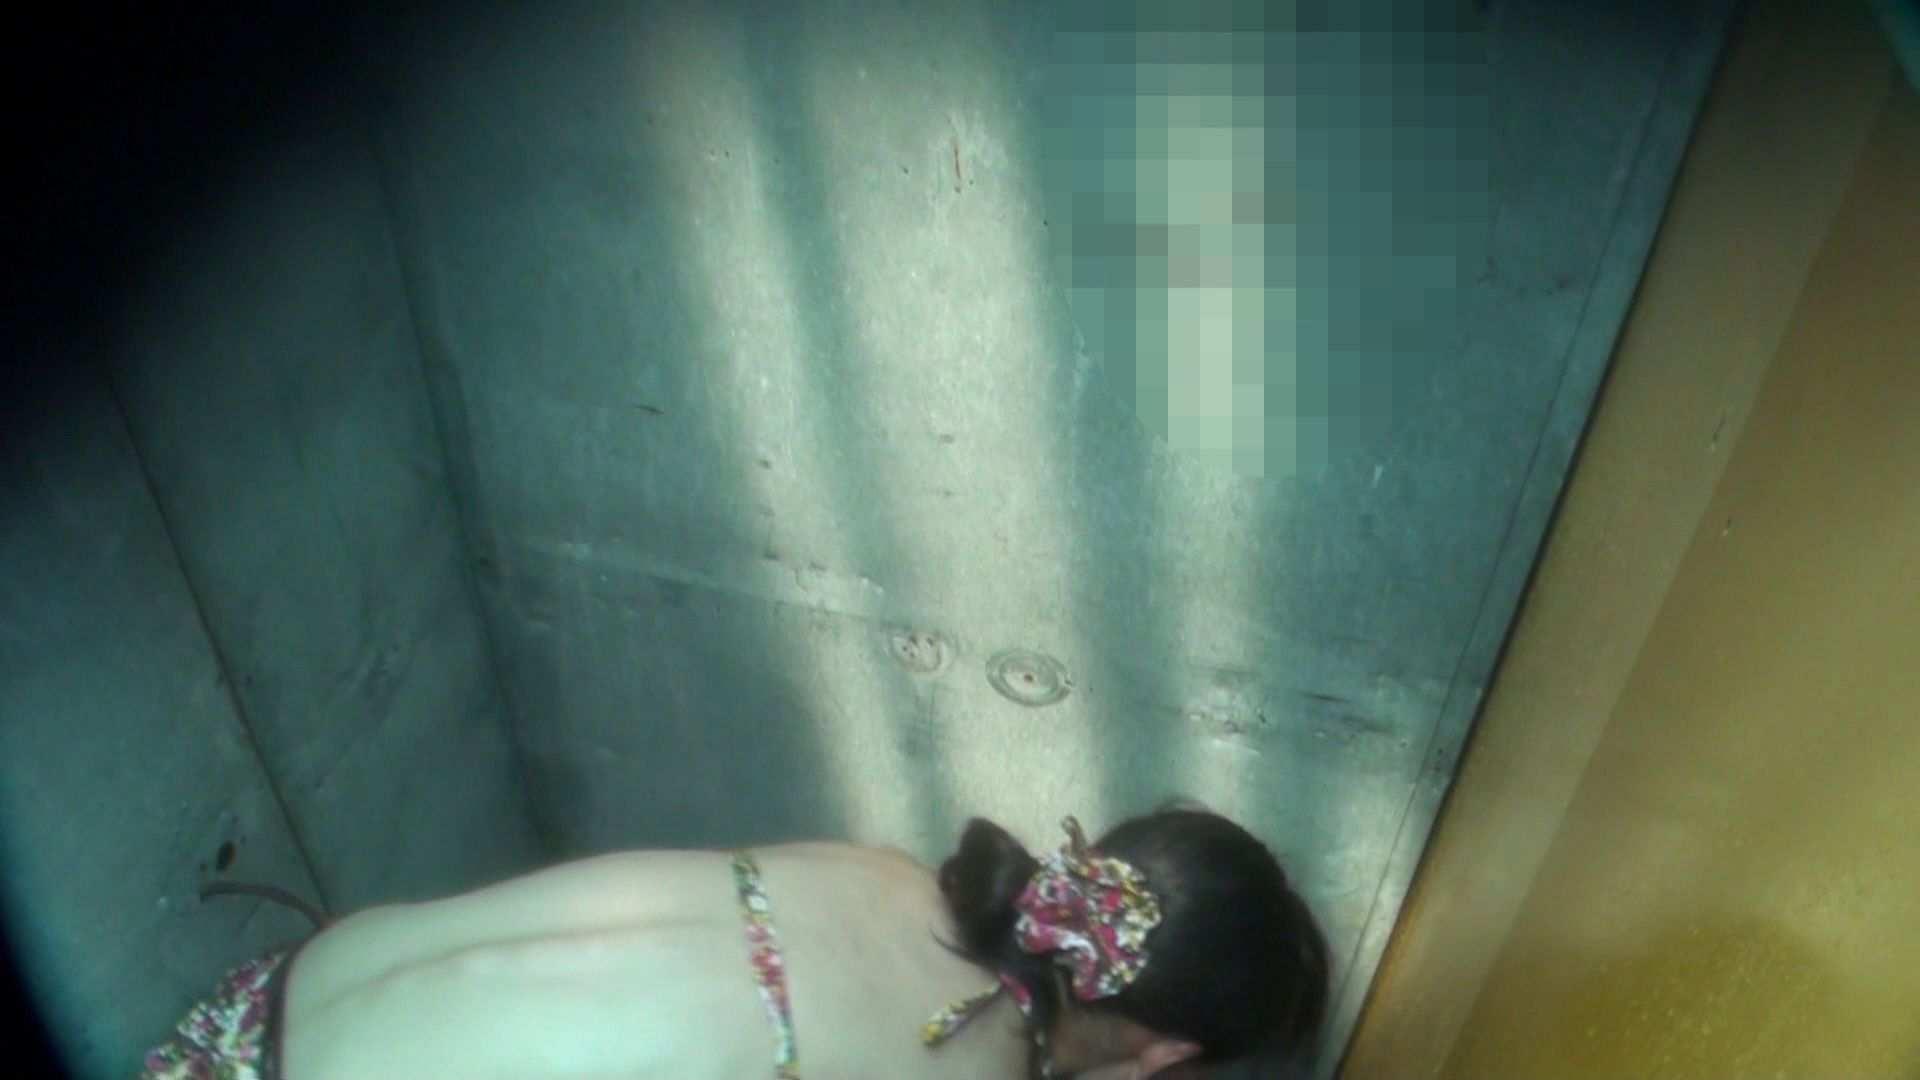 シャワールームは超!!危険な香りVol.16 意外に乳首は年増のそれ チクビ 盗撮画像 105画像 12